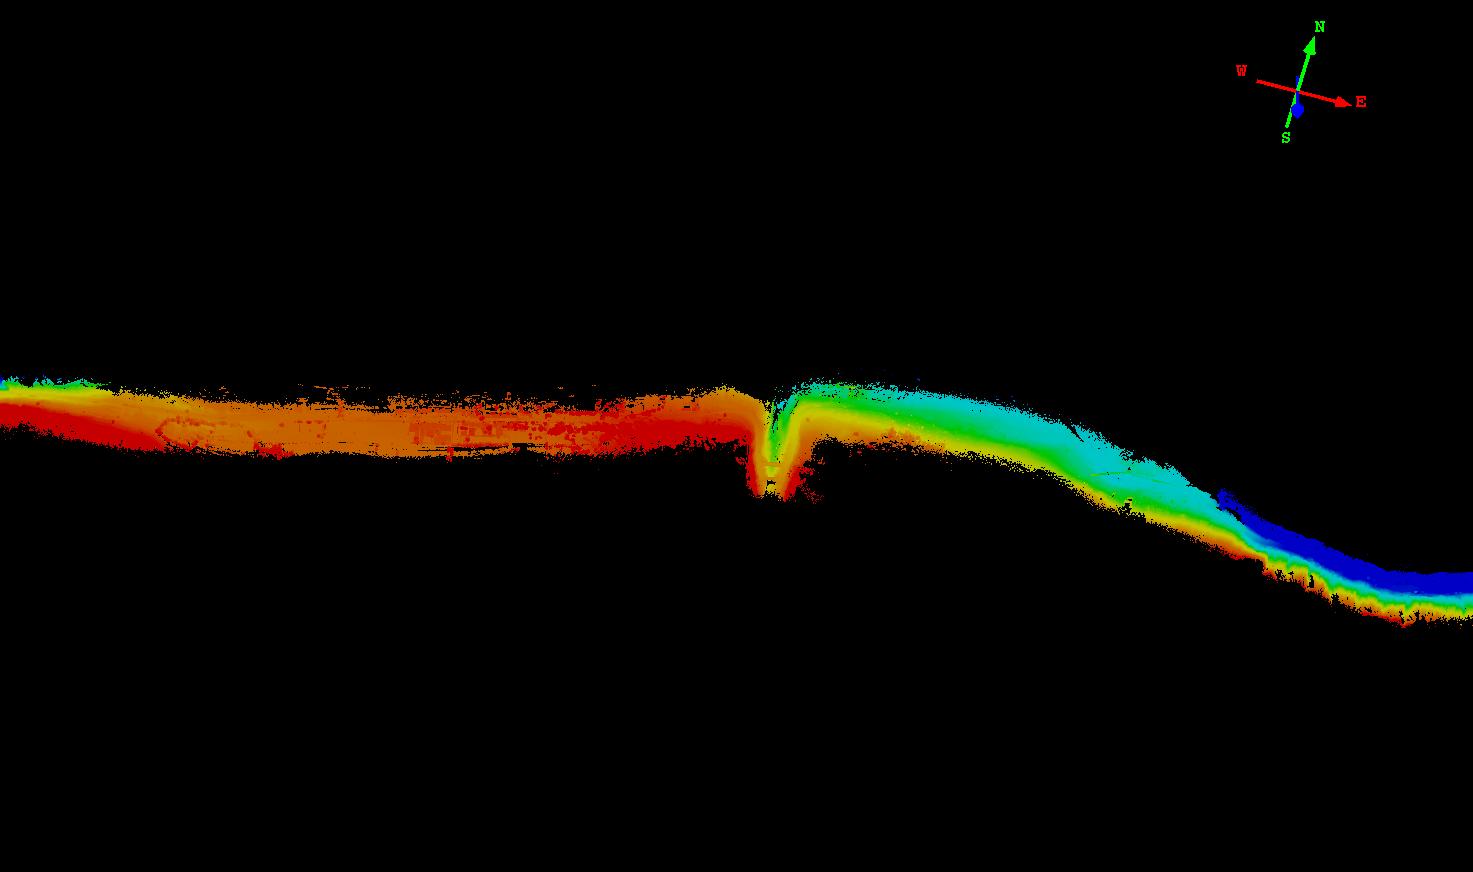 機載激光雷達系統在複雜地形測量中的應用,複雜地形測量的點雲成果展示圖,華測激光雷達系統應用于複雜地形測量中的案例分享